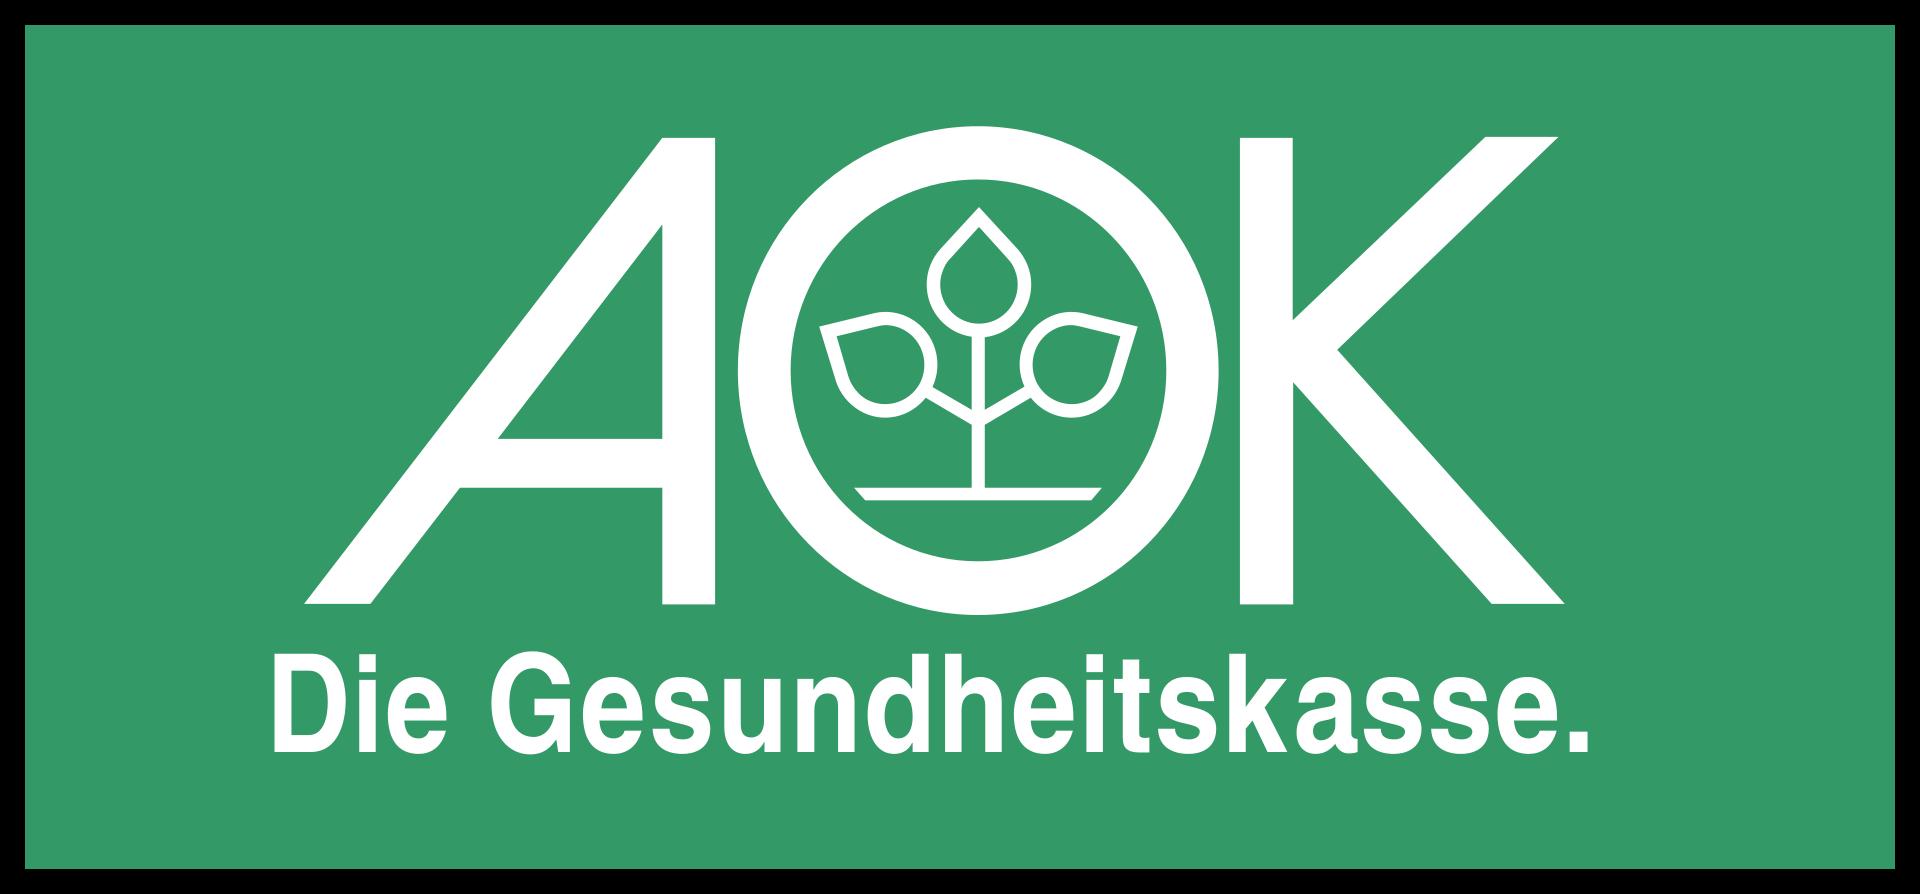 AOK - Die Gesundheitskasse Heilbronn-Franken logo